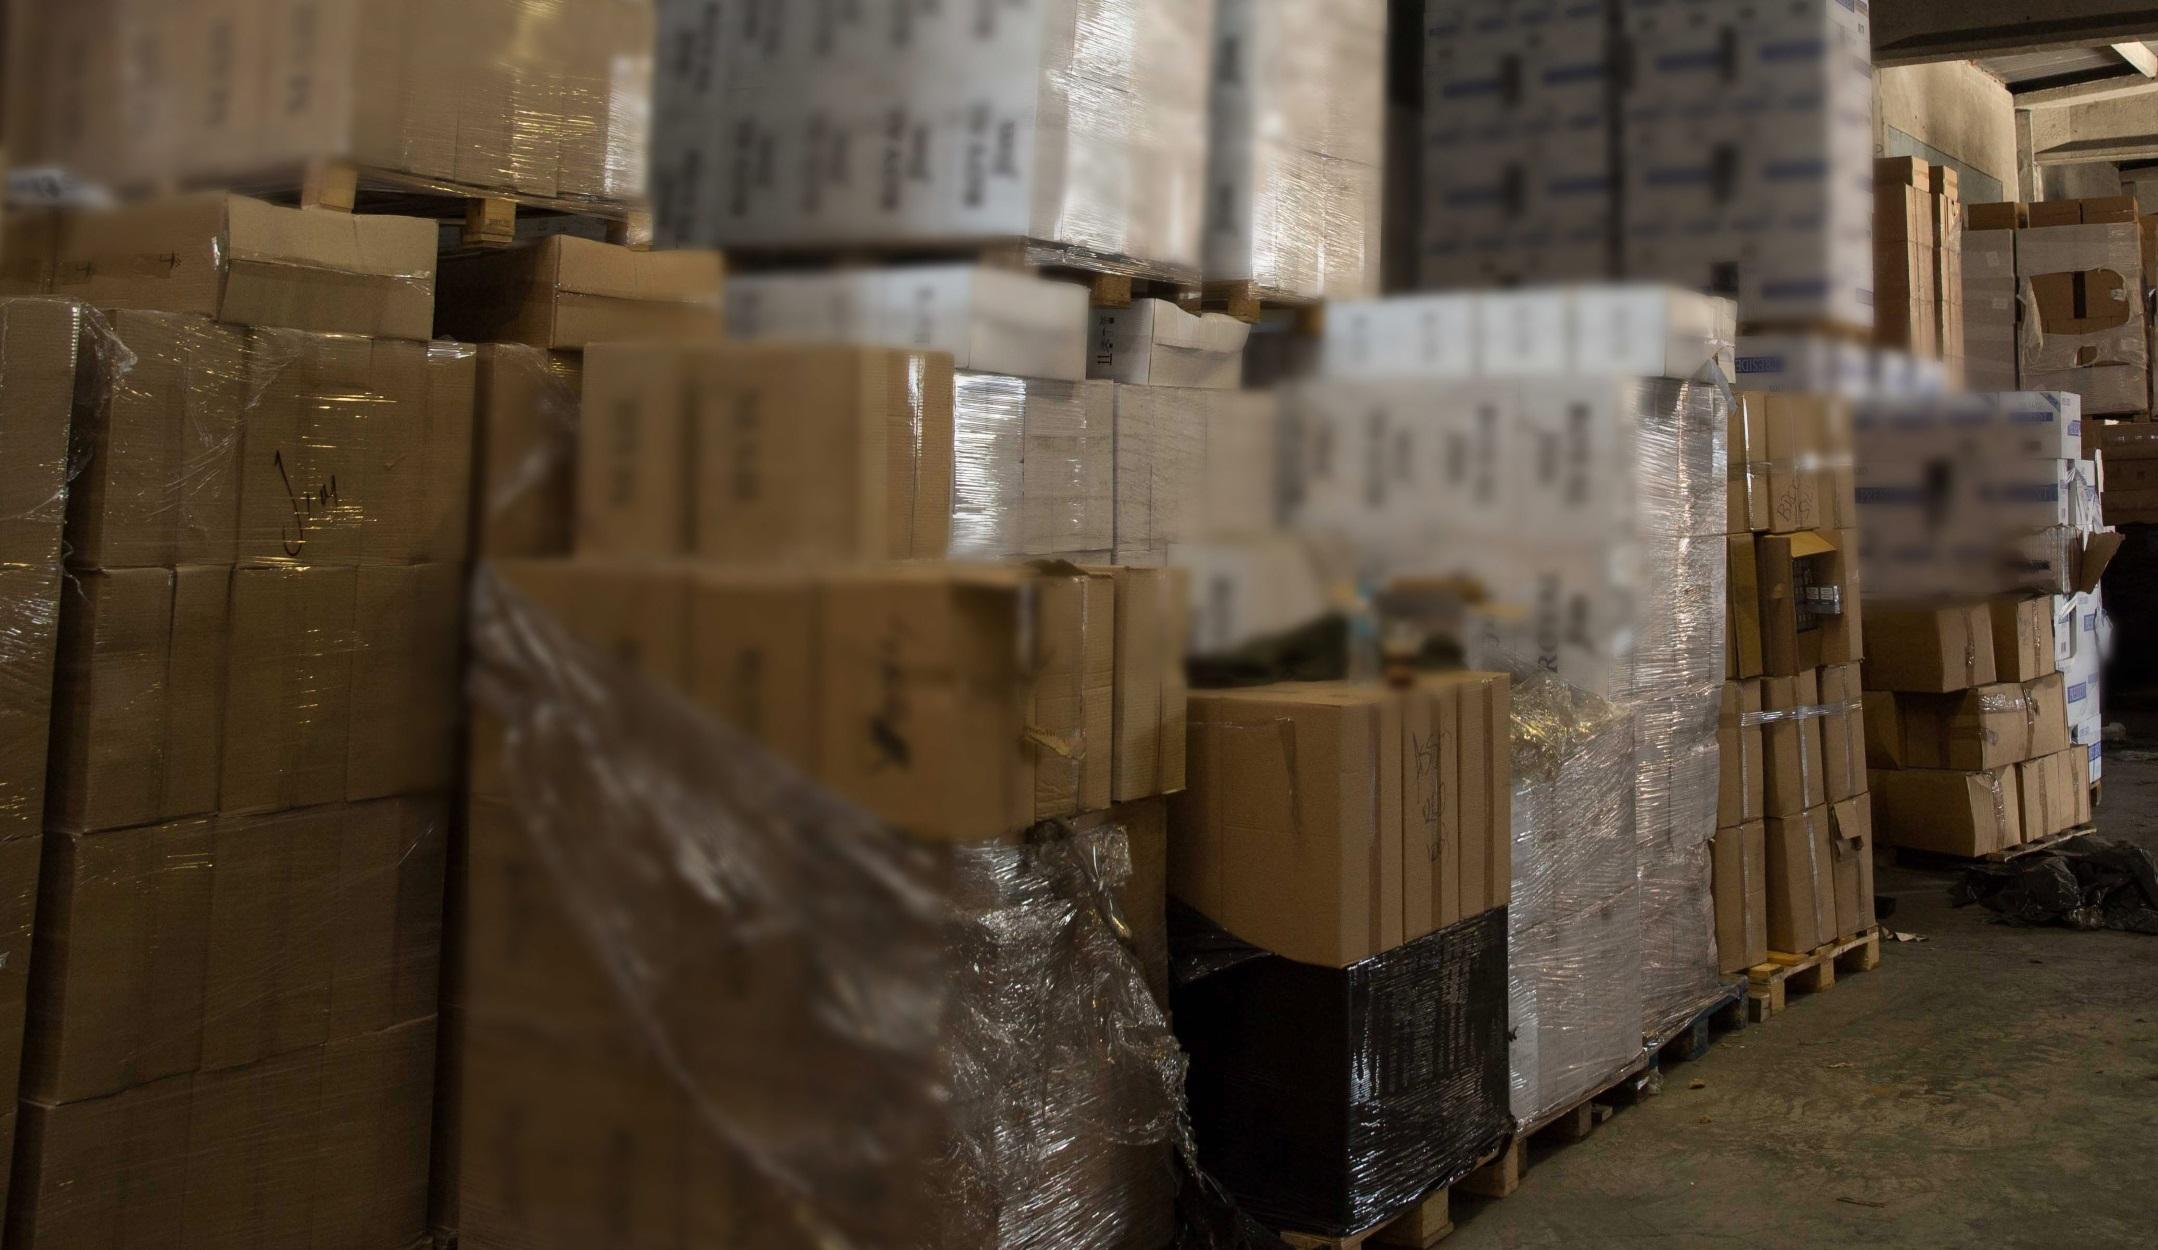 Πάτρα: Έκρυβαν χιλιάδες πακέτα λαθραία τσιγάρα – Τέσσερις συλλήψεις